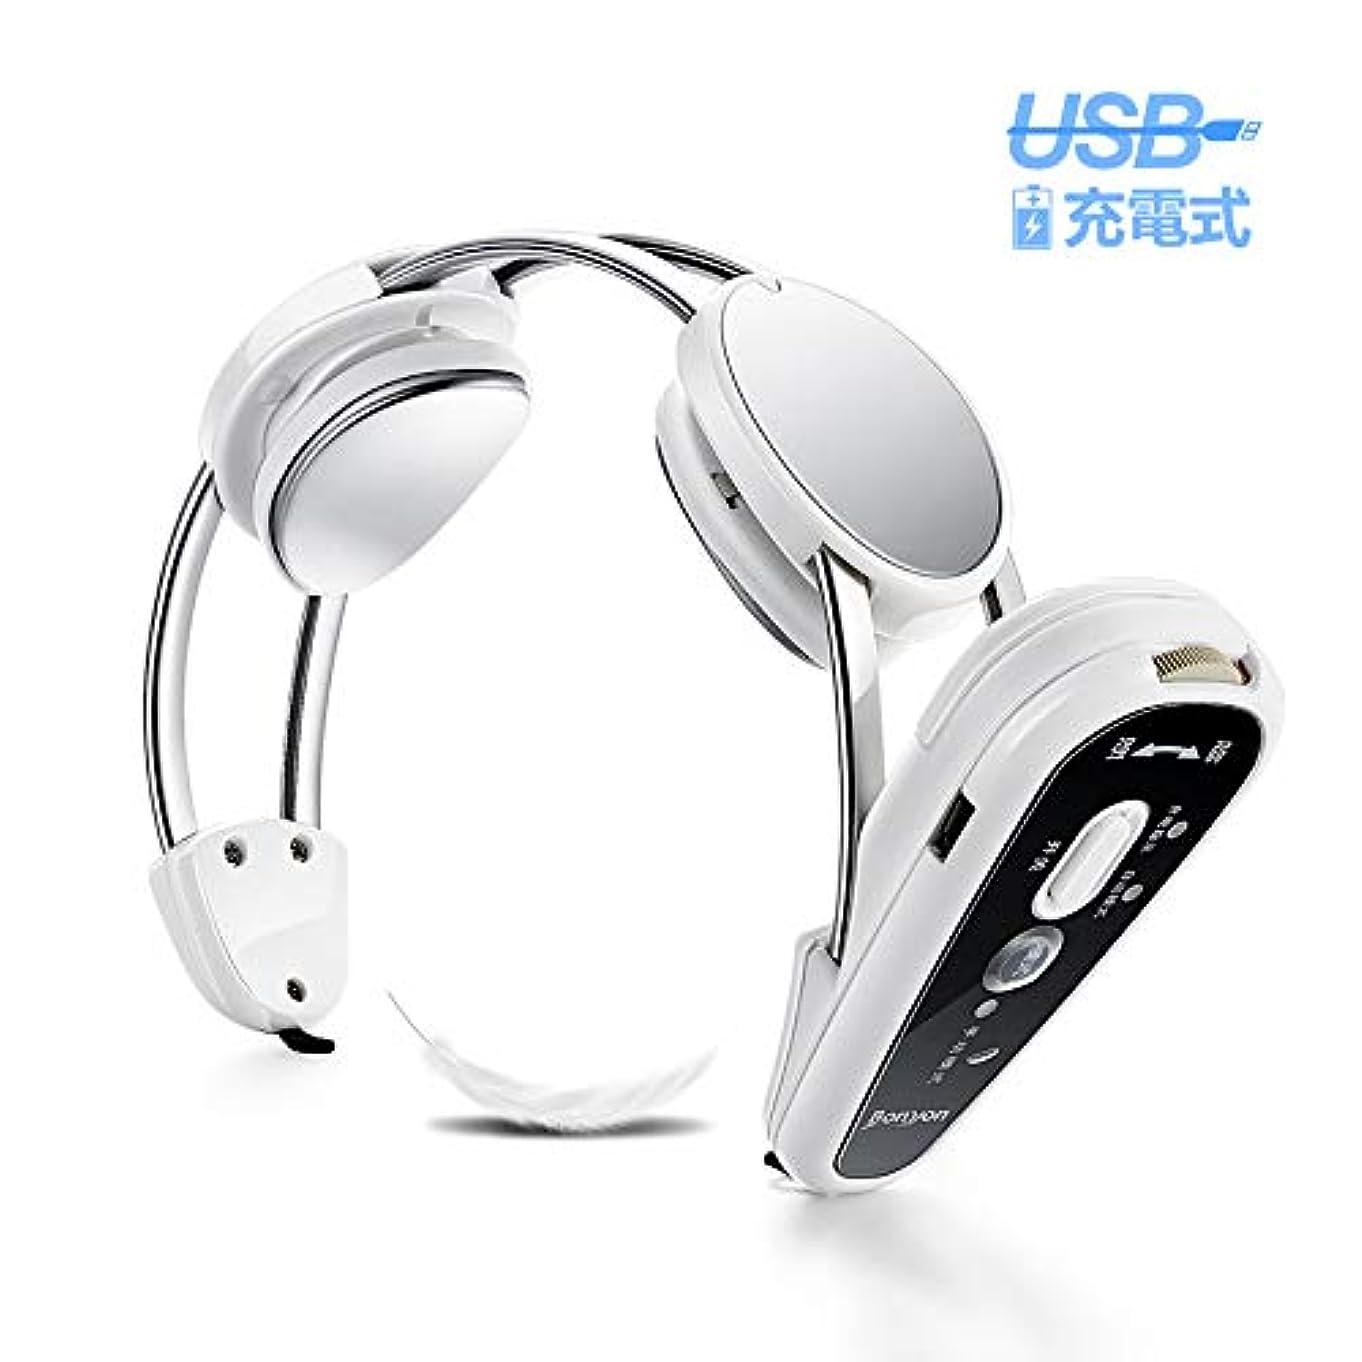 首マッサージャー マッサージ 器 USB 充電式 ネックマッサージャー 首 肩 肩こり ストレス解消 家庭用 車用 日本語説明書